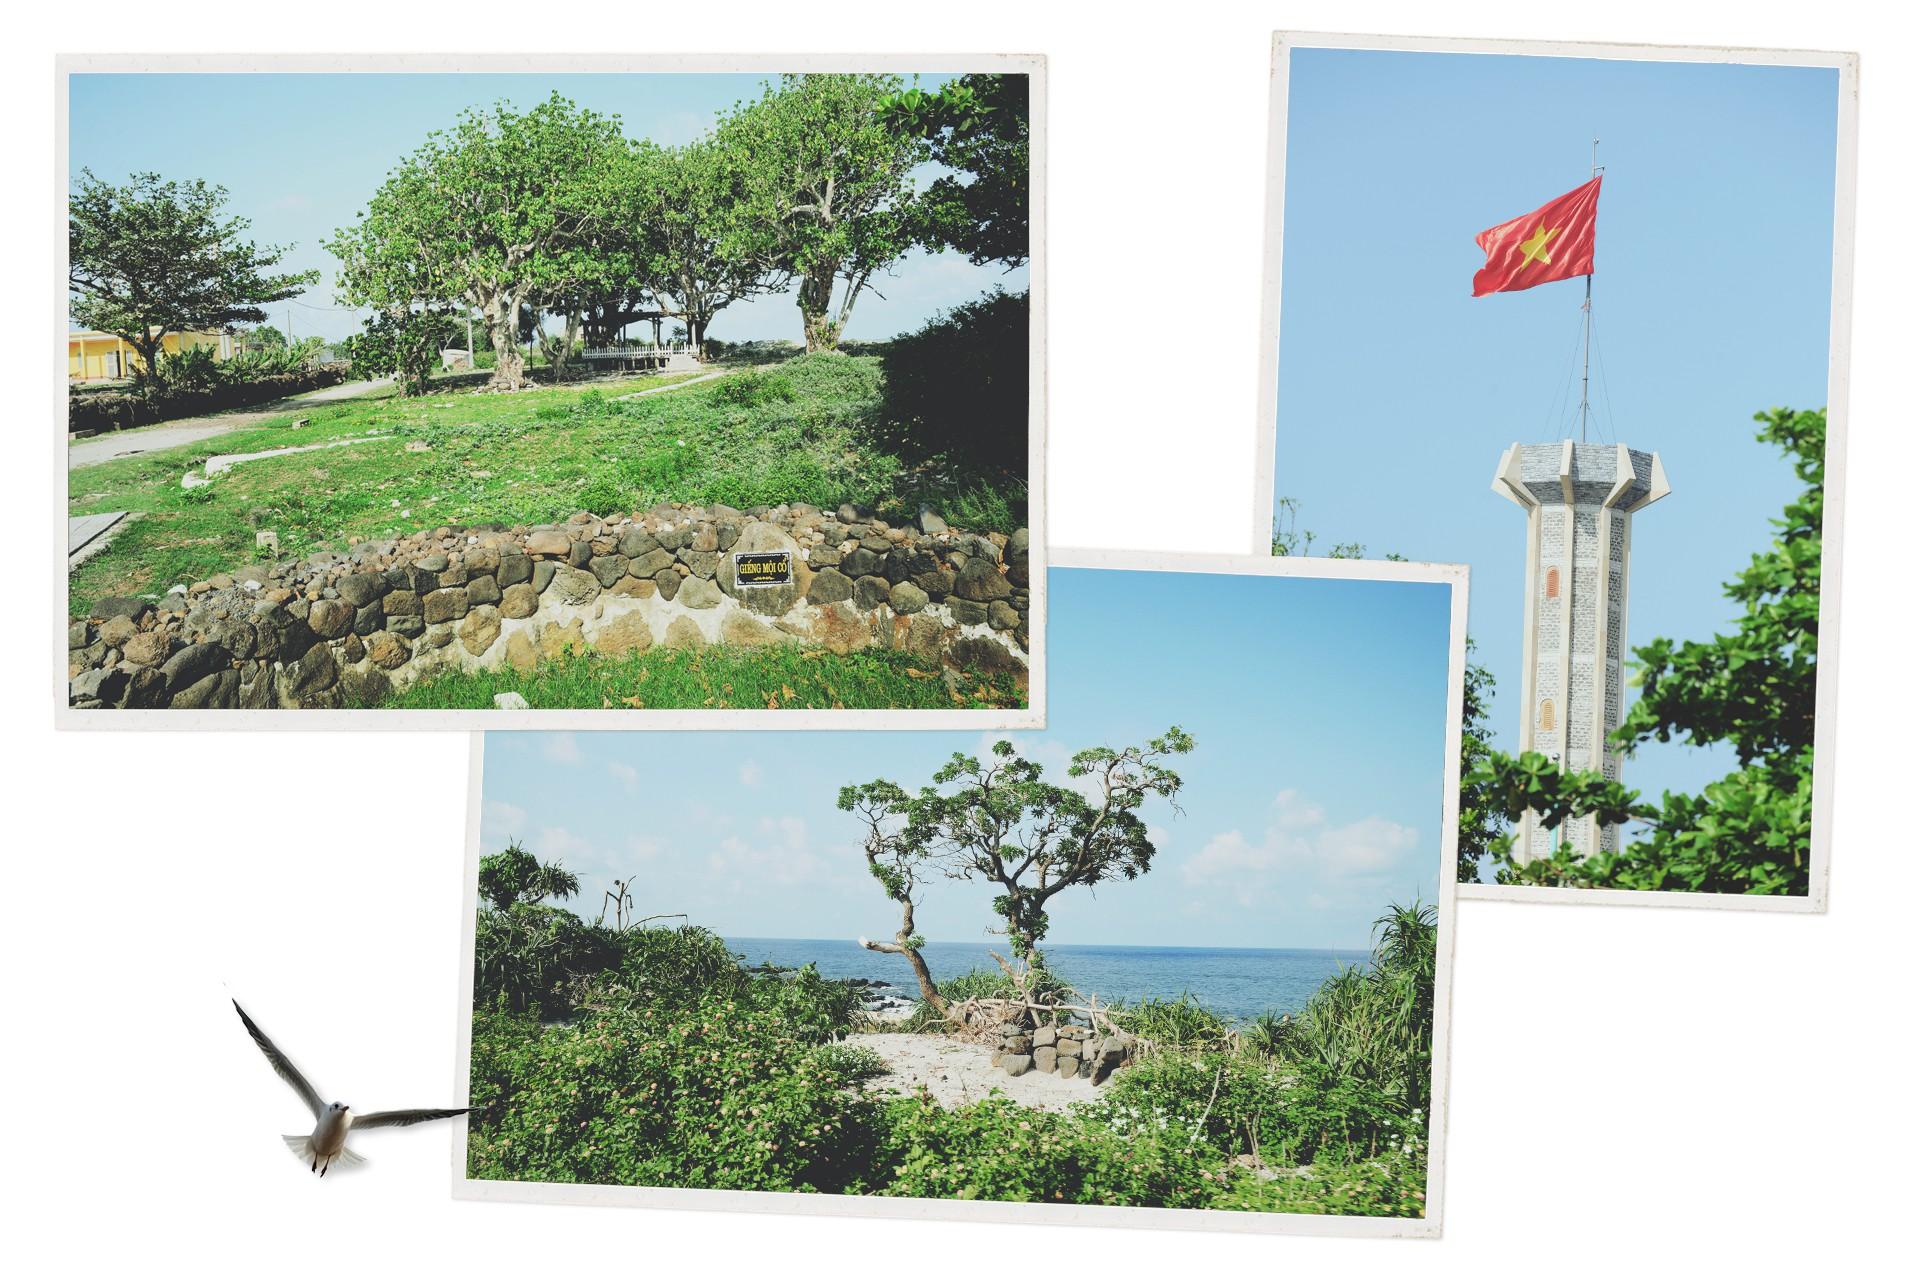 Cồn Cỏ - từ đảo thép thành đảo ngọc - Ảnh 8.